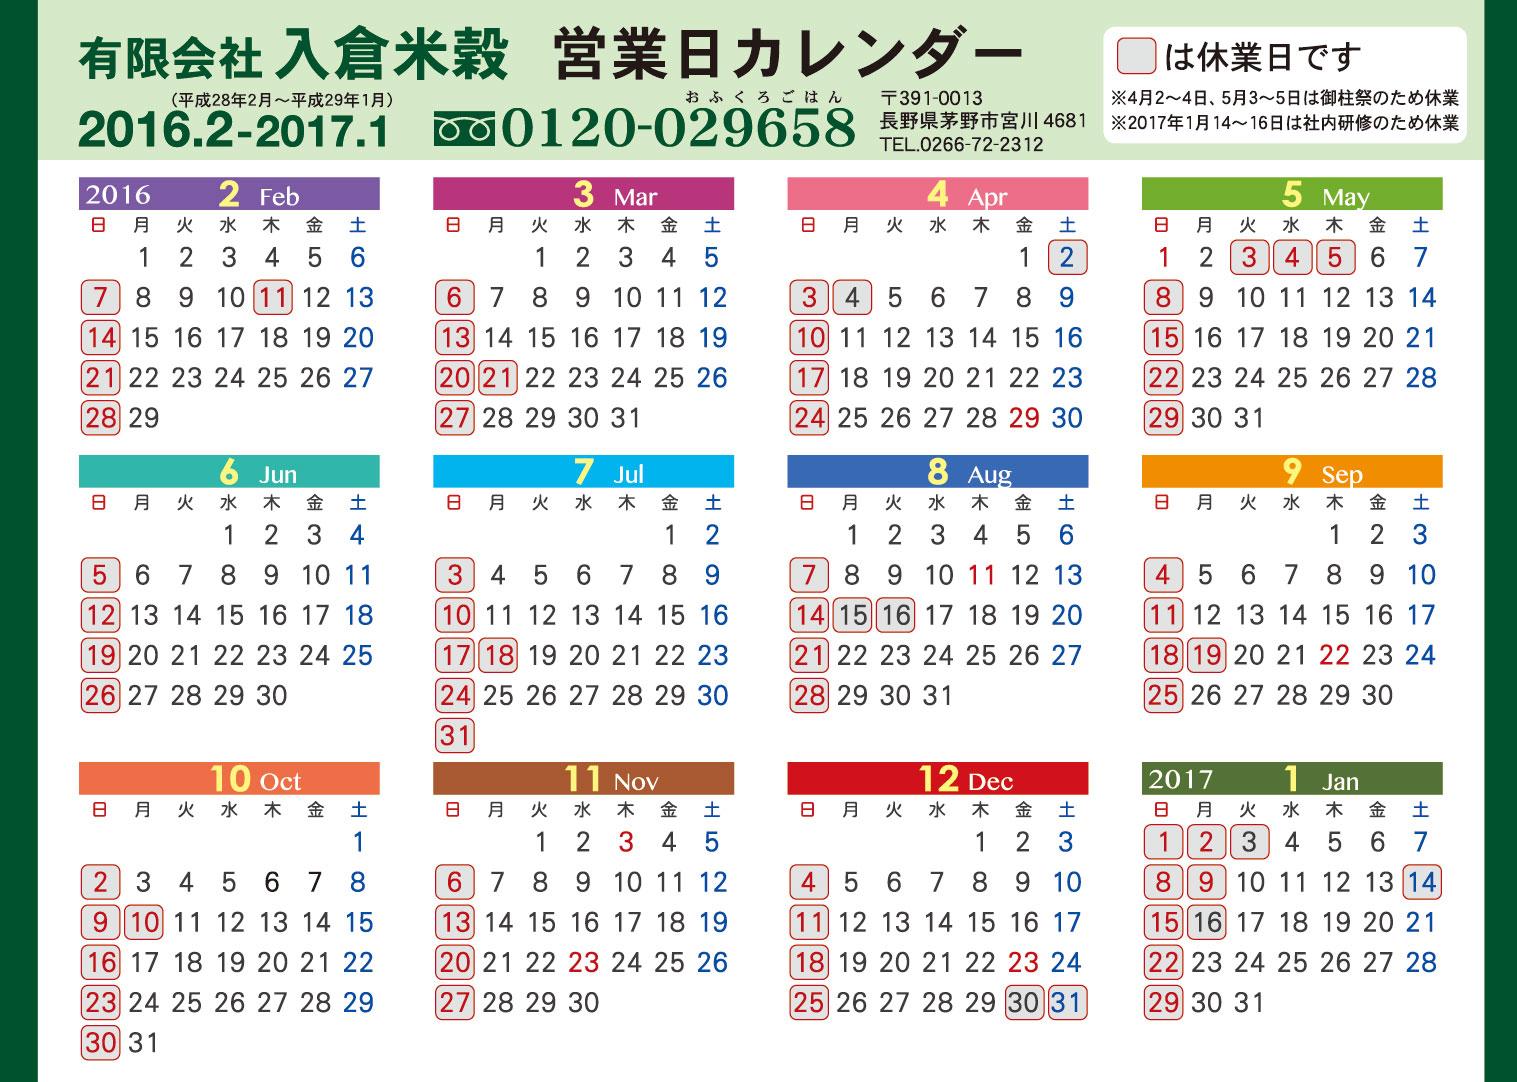 入倉米穀様の営業日カレンダーできました